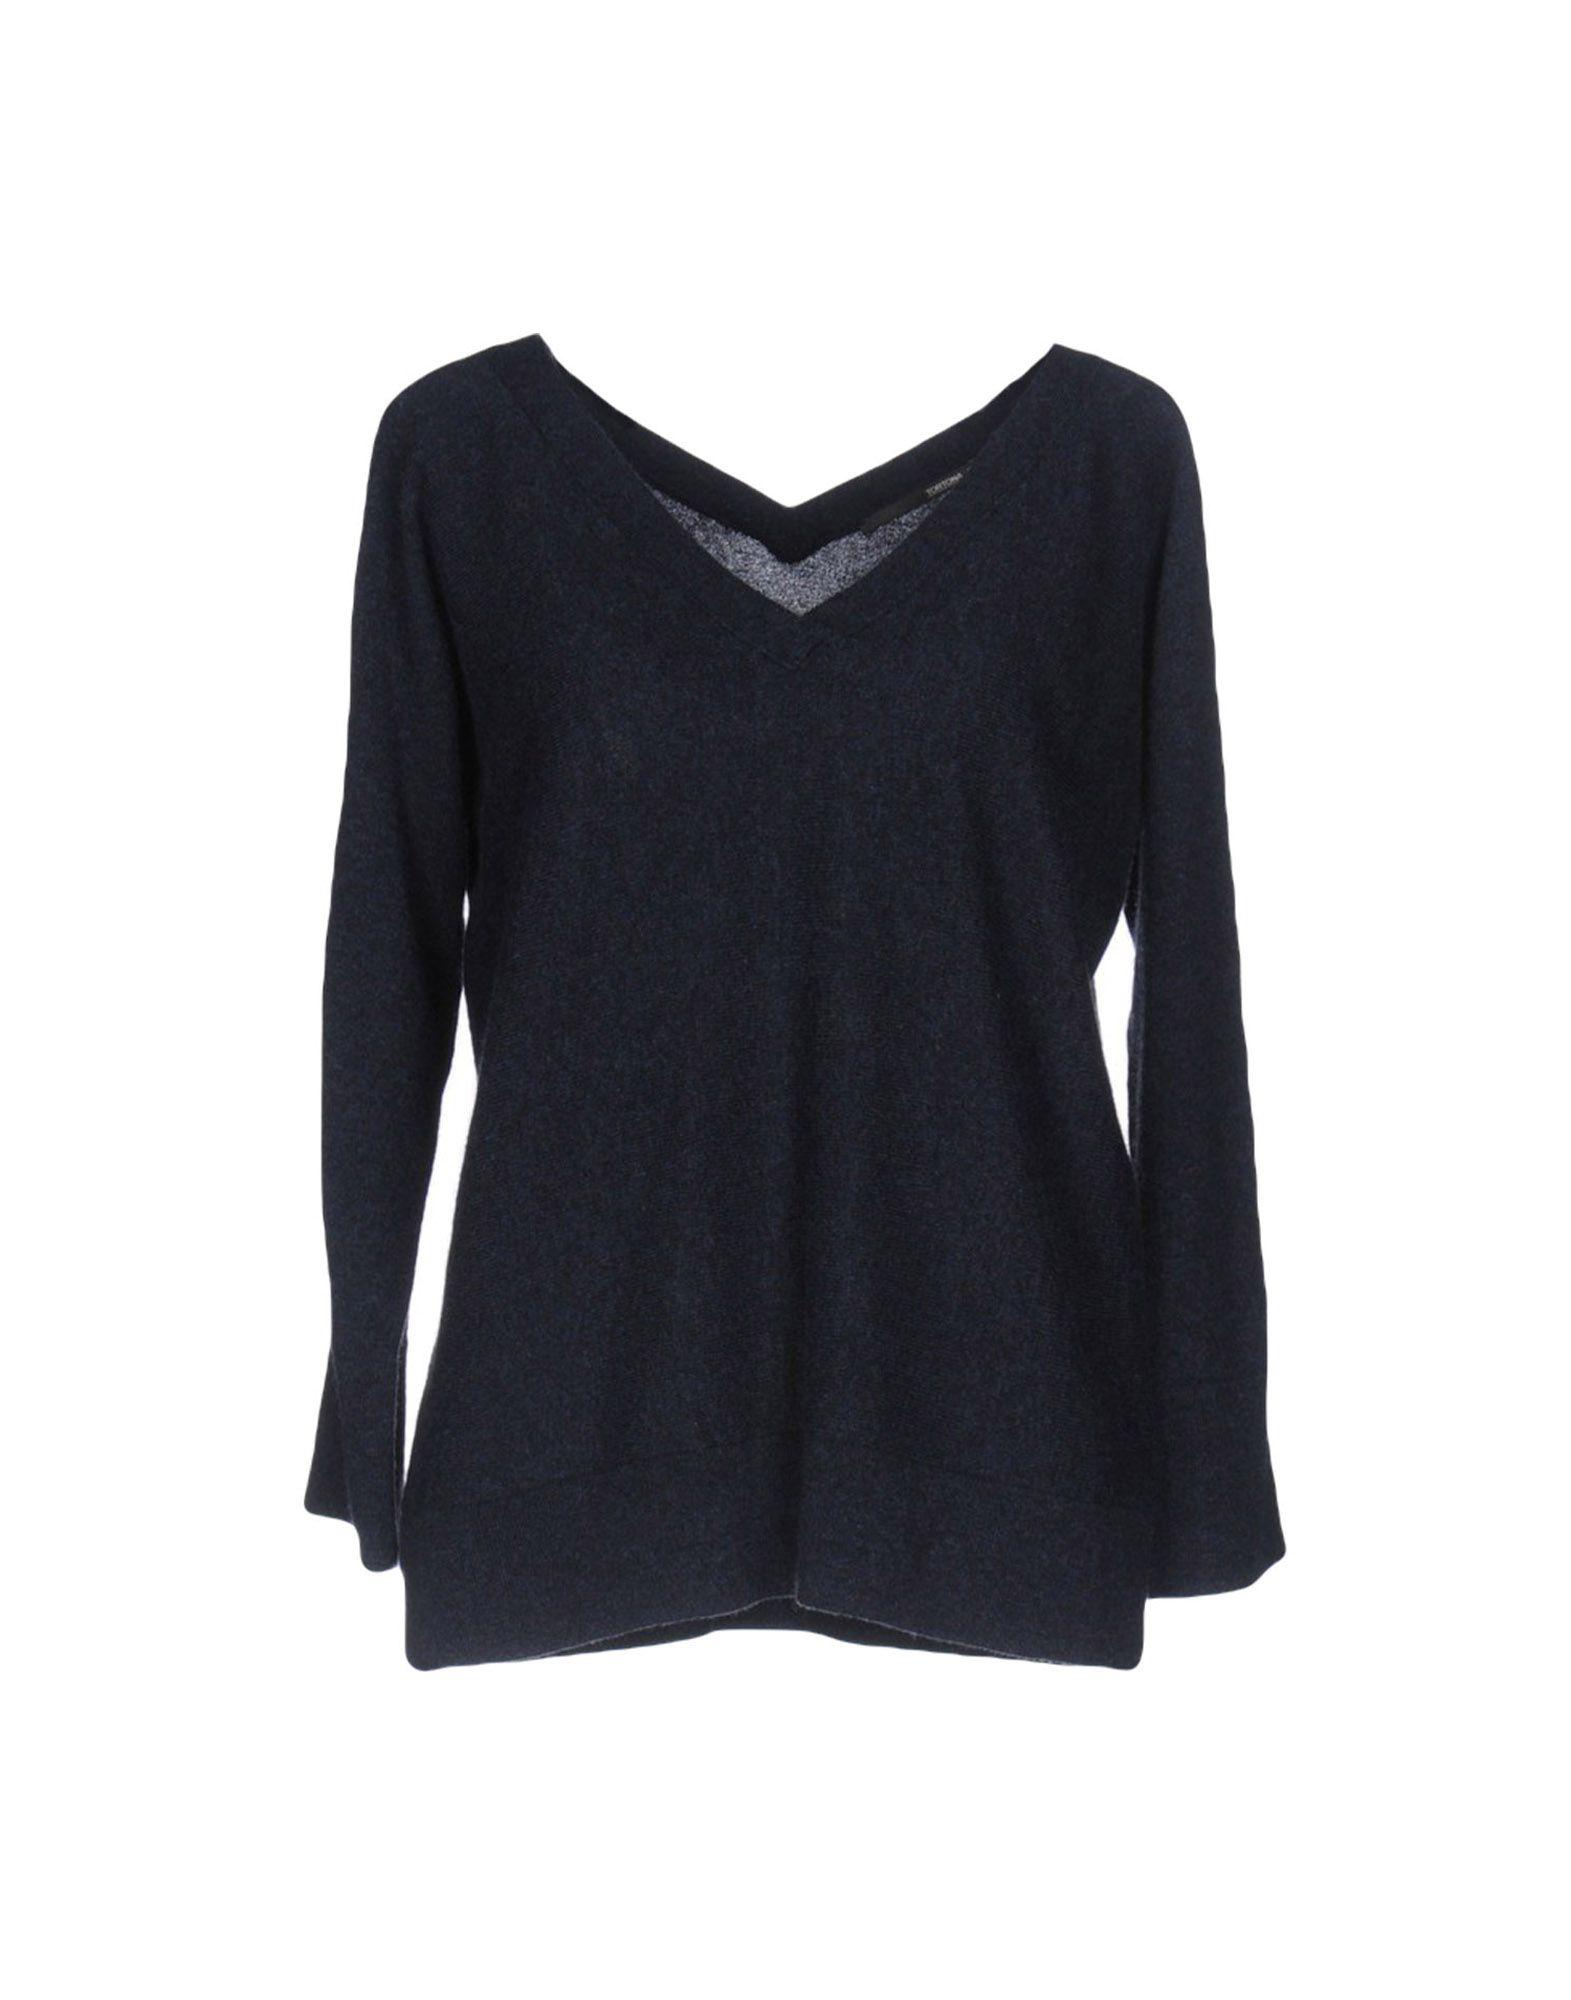 TORTONA 21 Damen Pullover Farbe Dunkelblau Größe 5 jetztbilligerkaufen